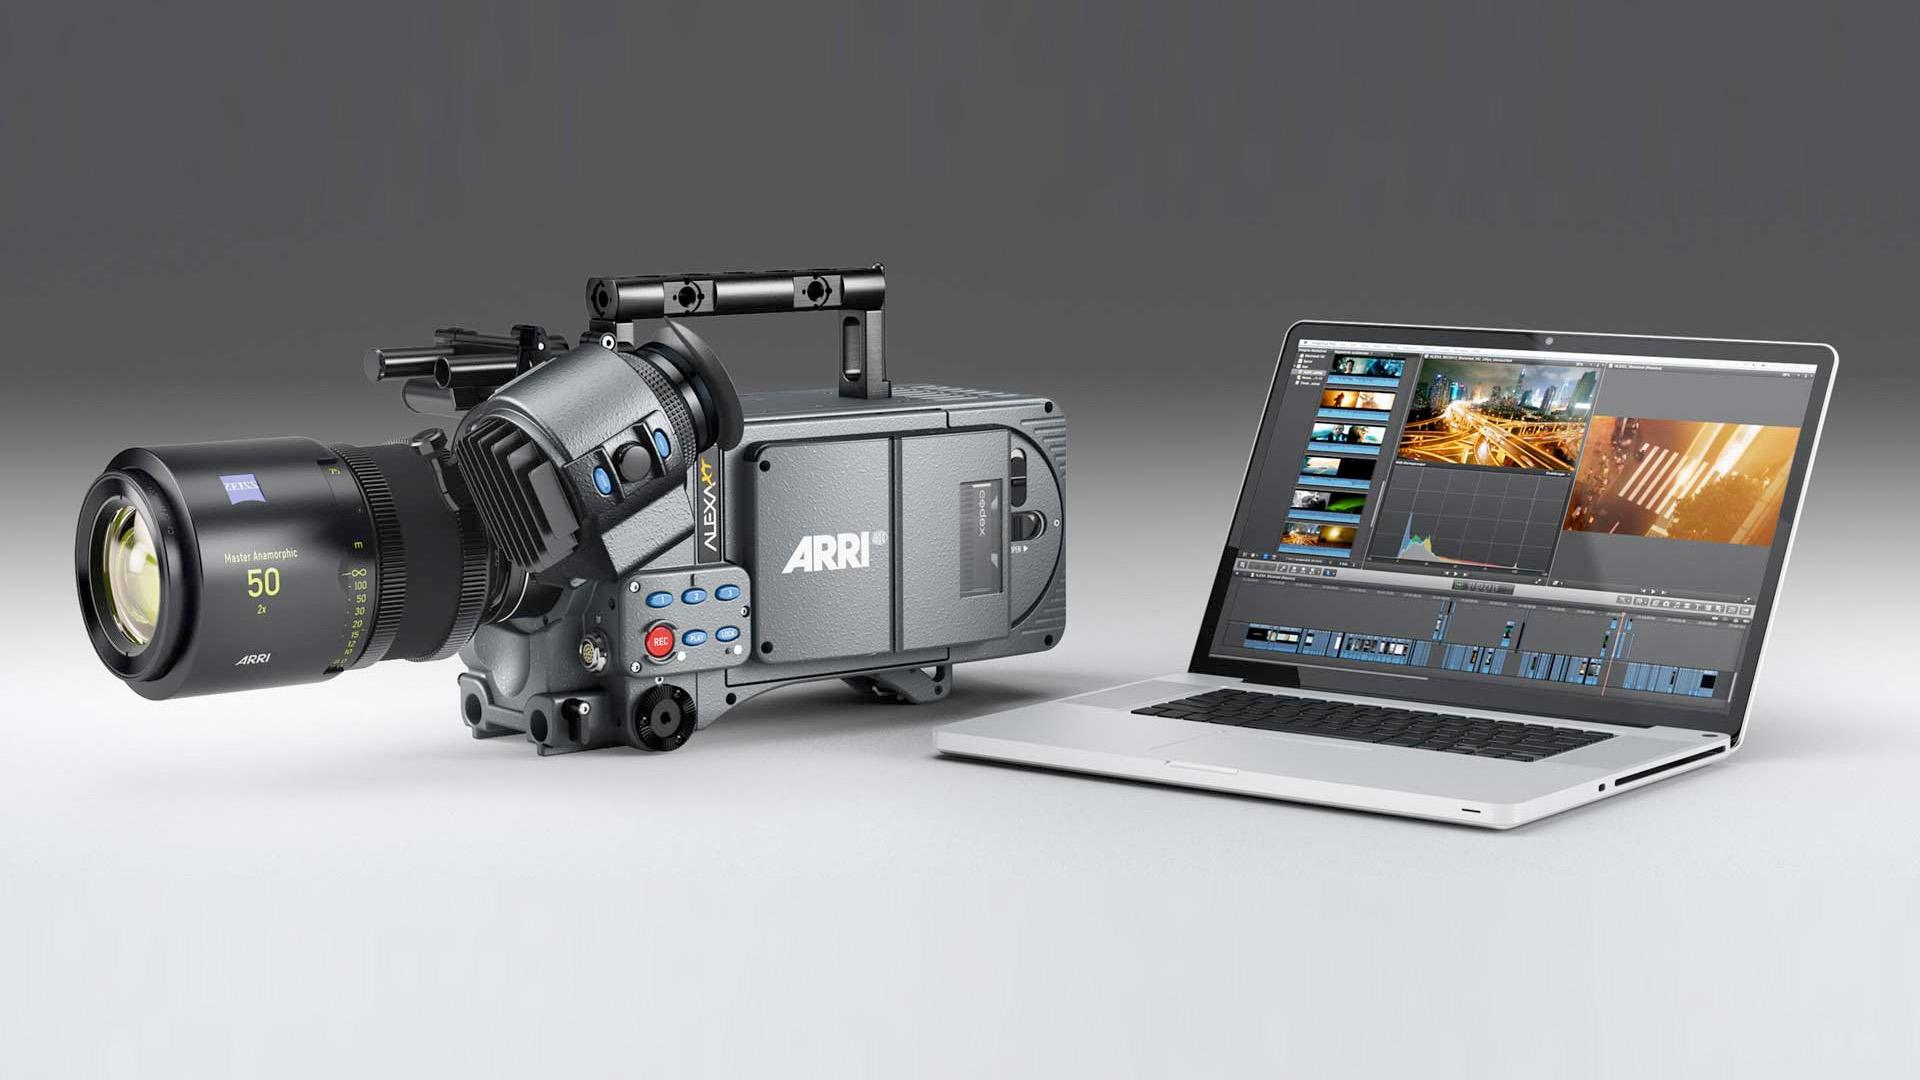 An Arri Alexa XT camera next to a laptop